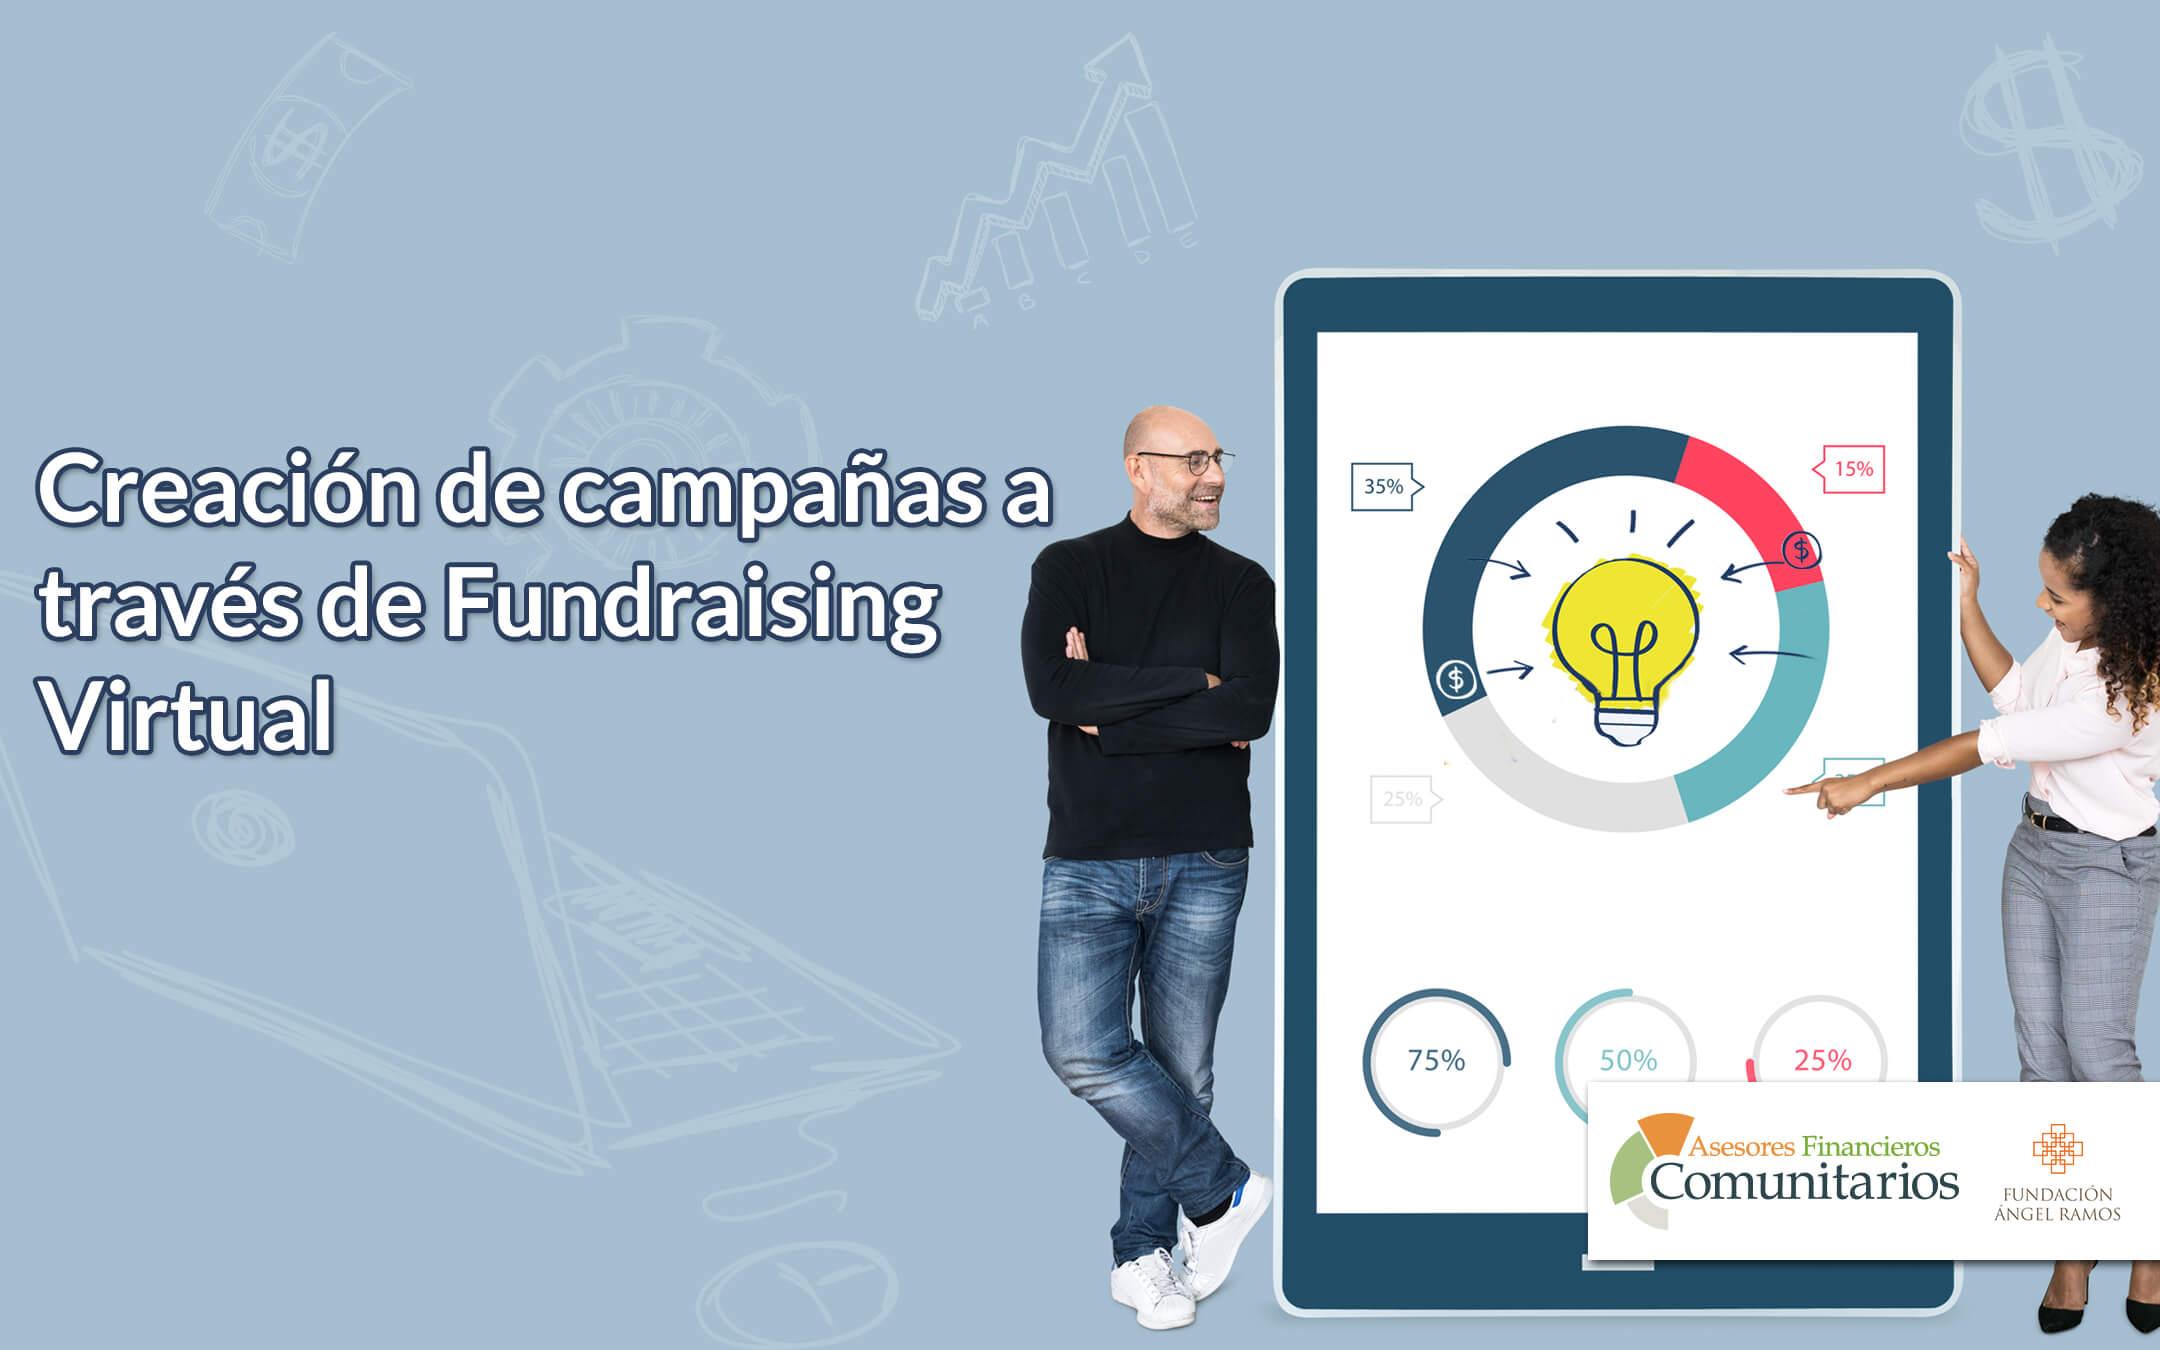 Creación de campañas a través de Fundraising Virtual